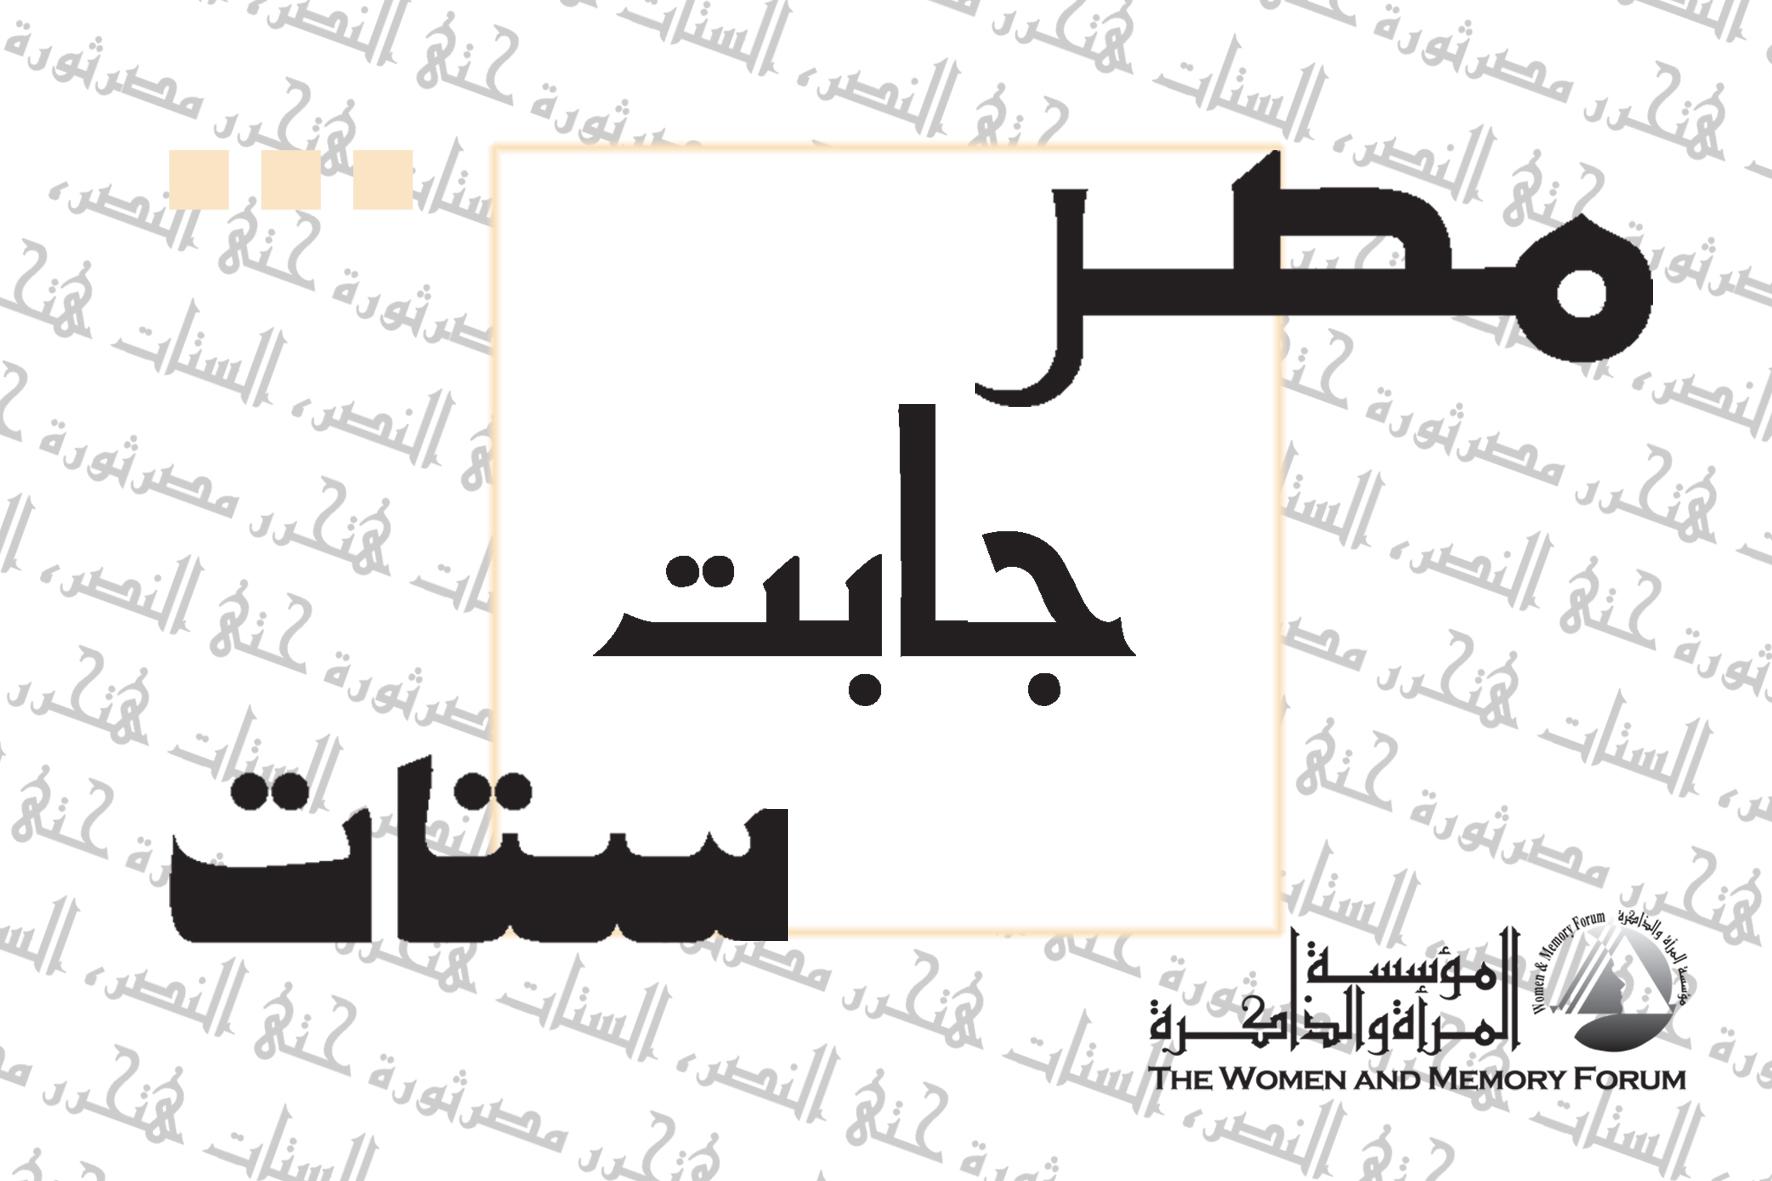 ملصقات مركز المرأة والذاكرة١